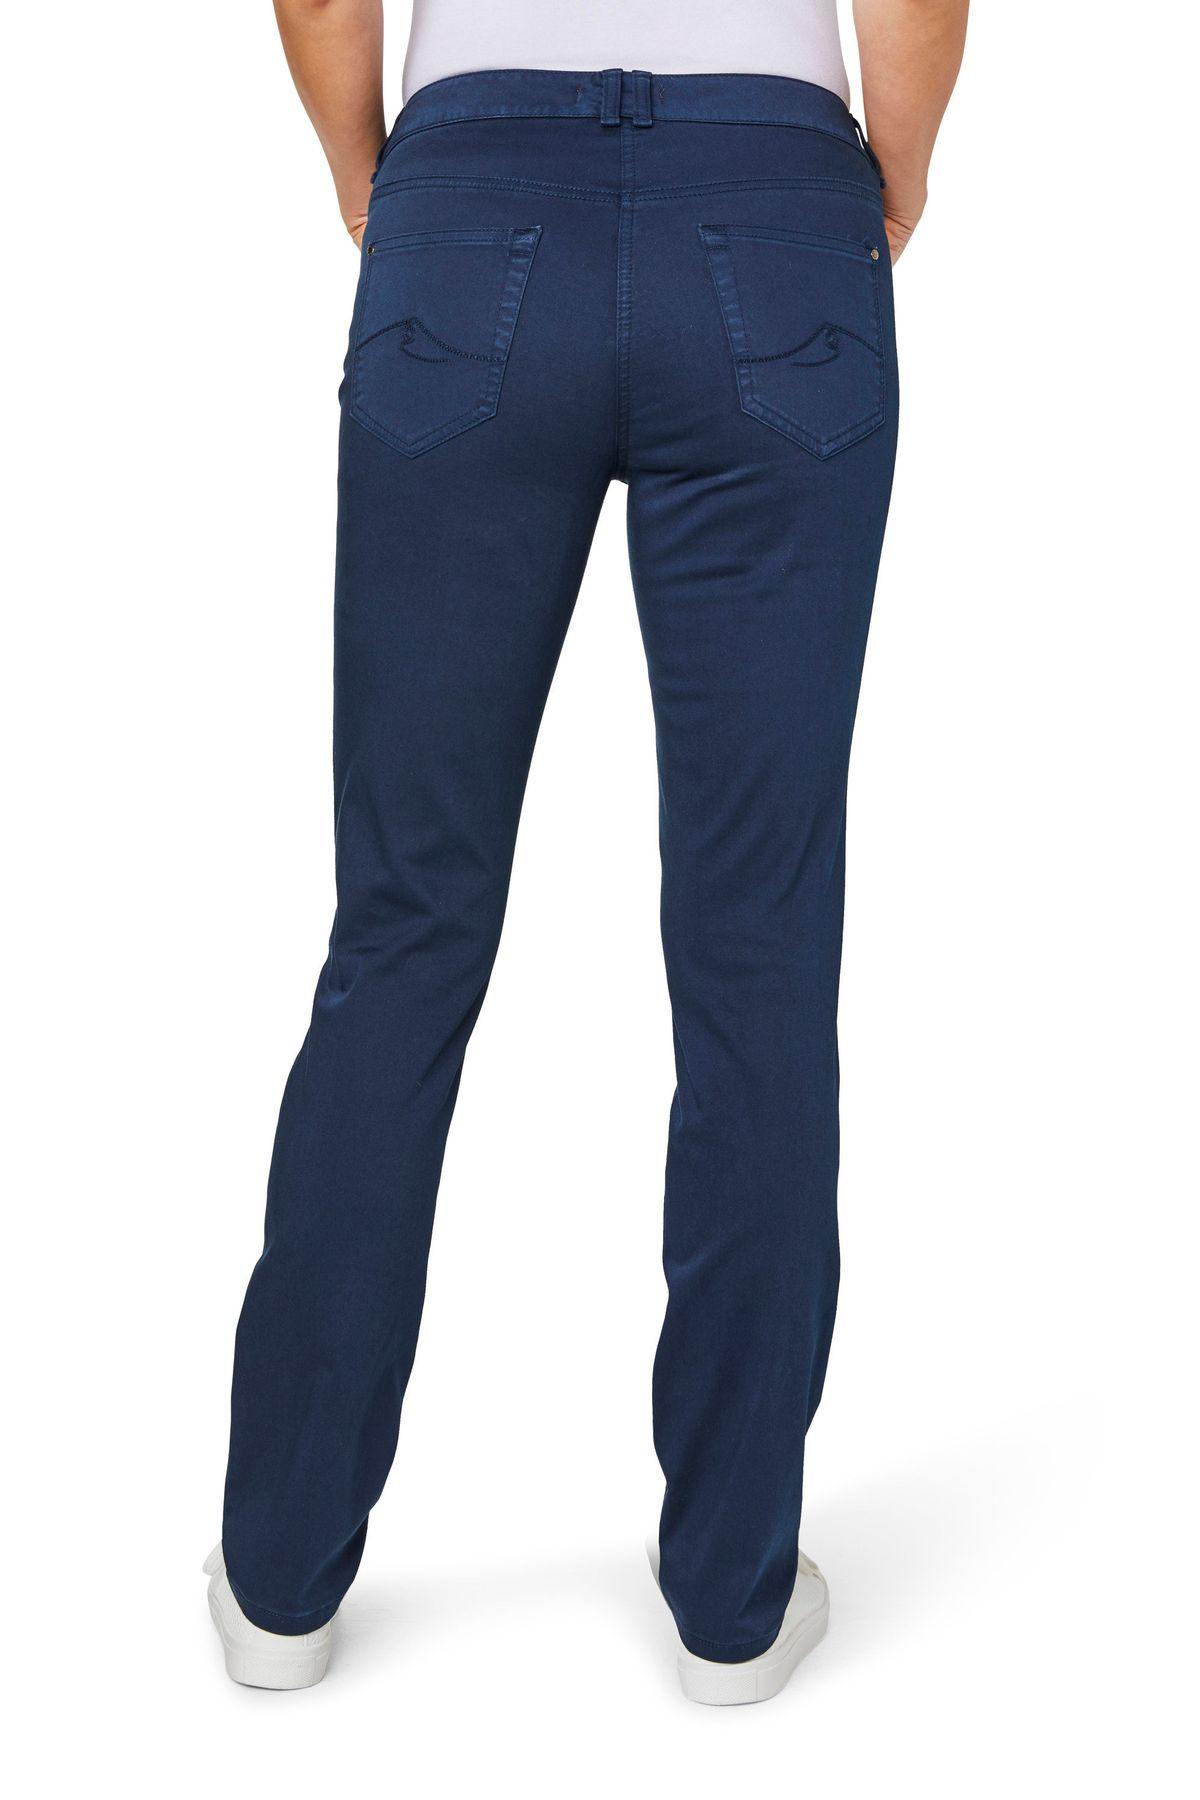 Atelier Gardeur - Slim Fit - Damen 5-Pocket aus Baumwollsatin, verschiedene Farben - Zuri (080501) – Bild 7